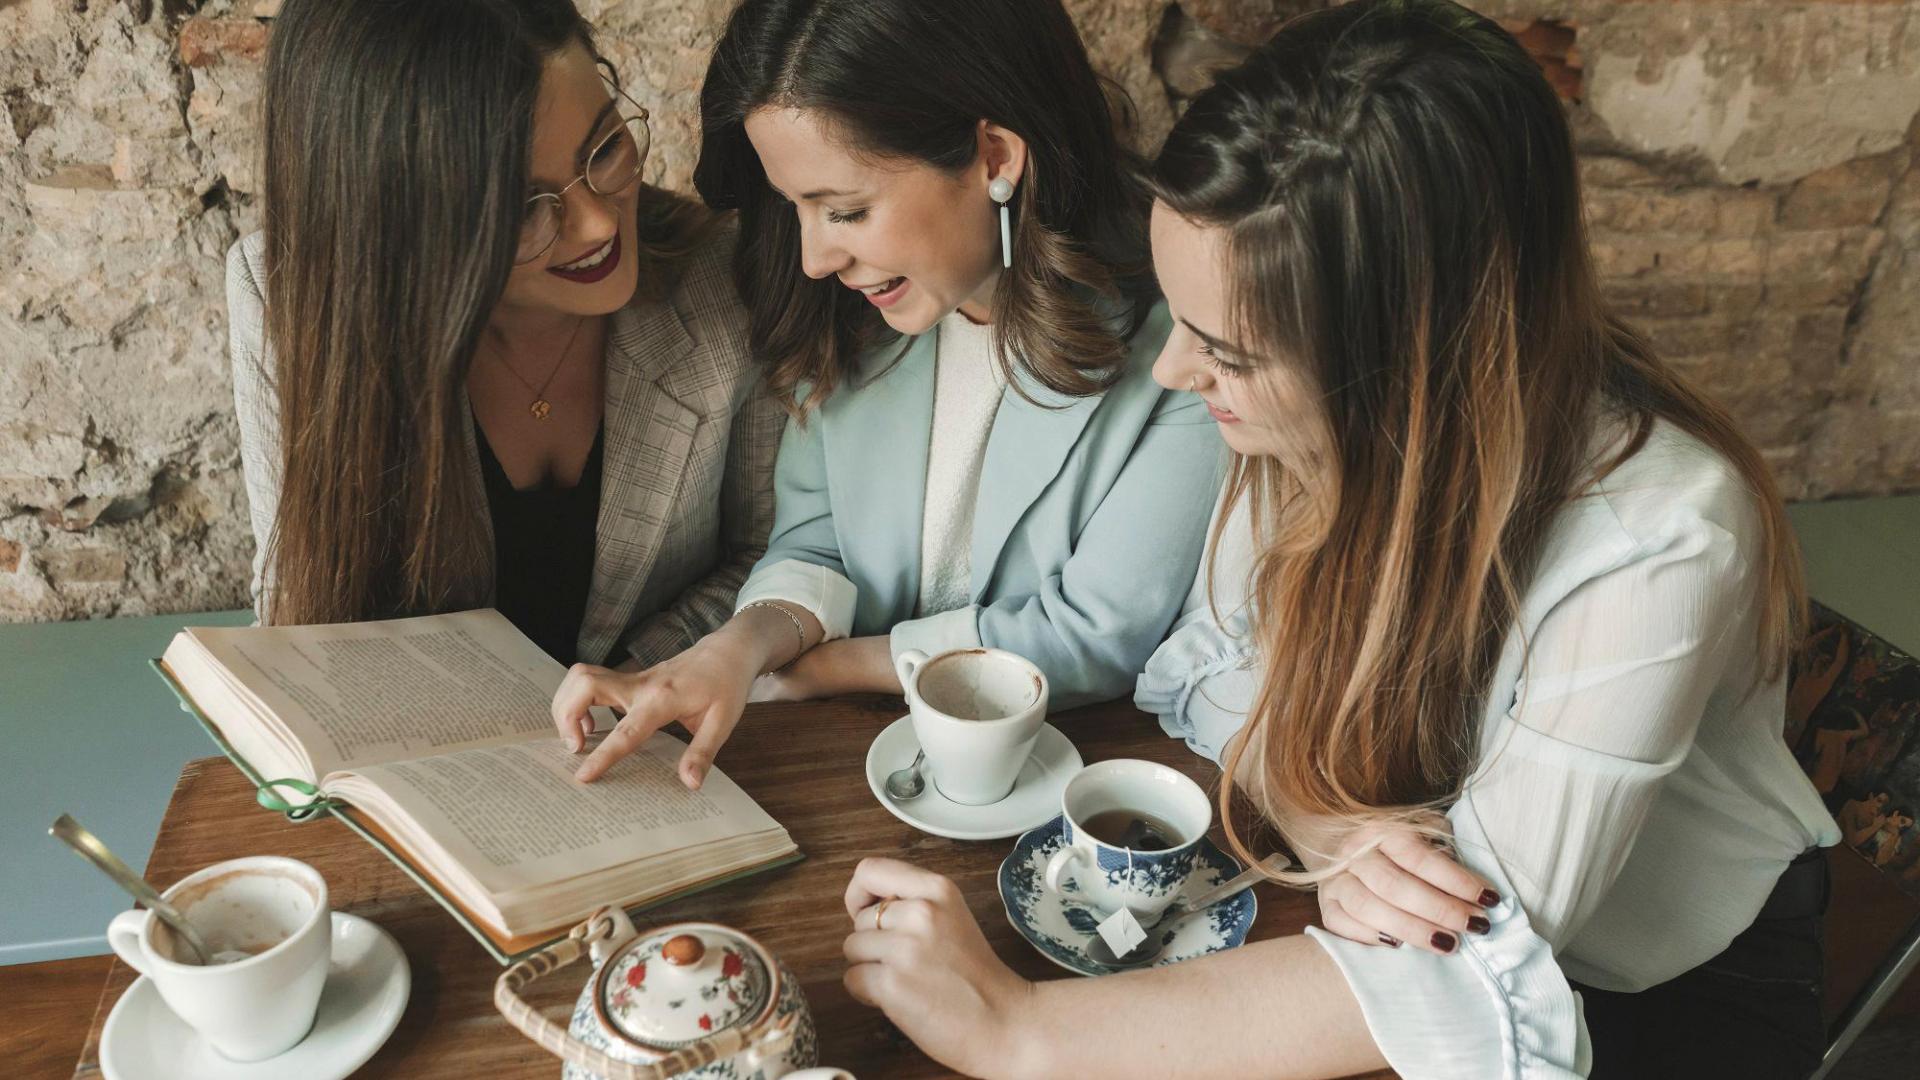 Frauen Reden Kneipe Buch